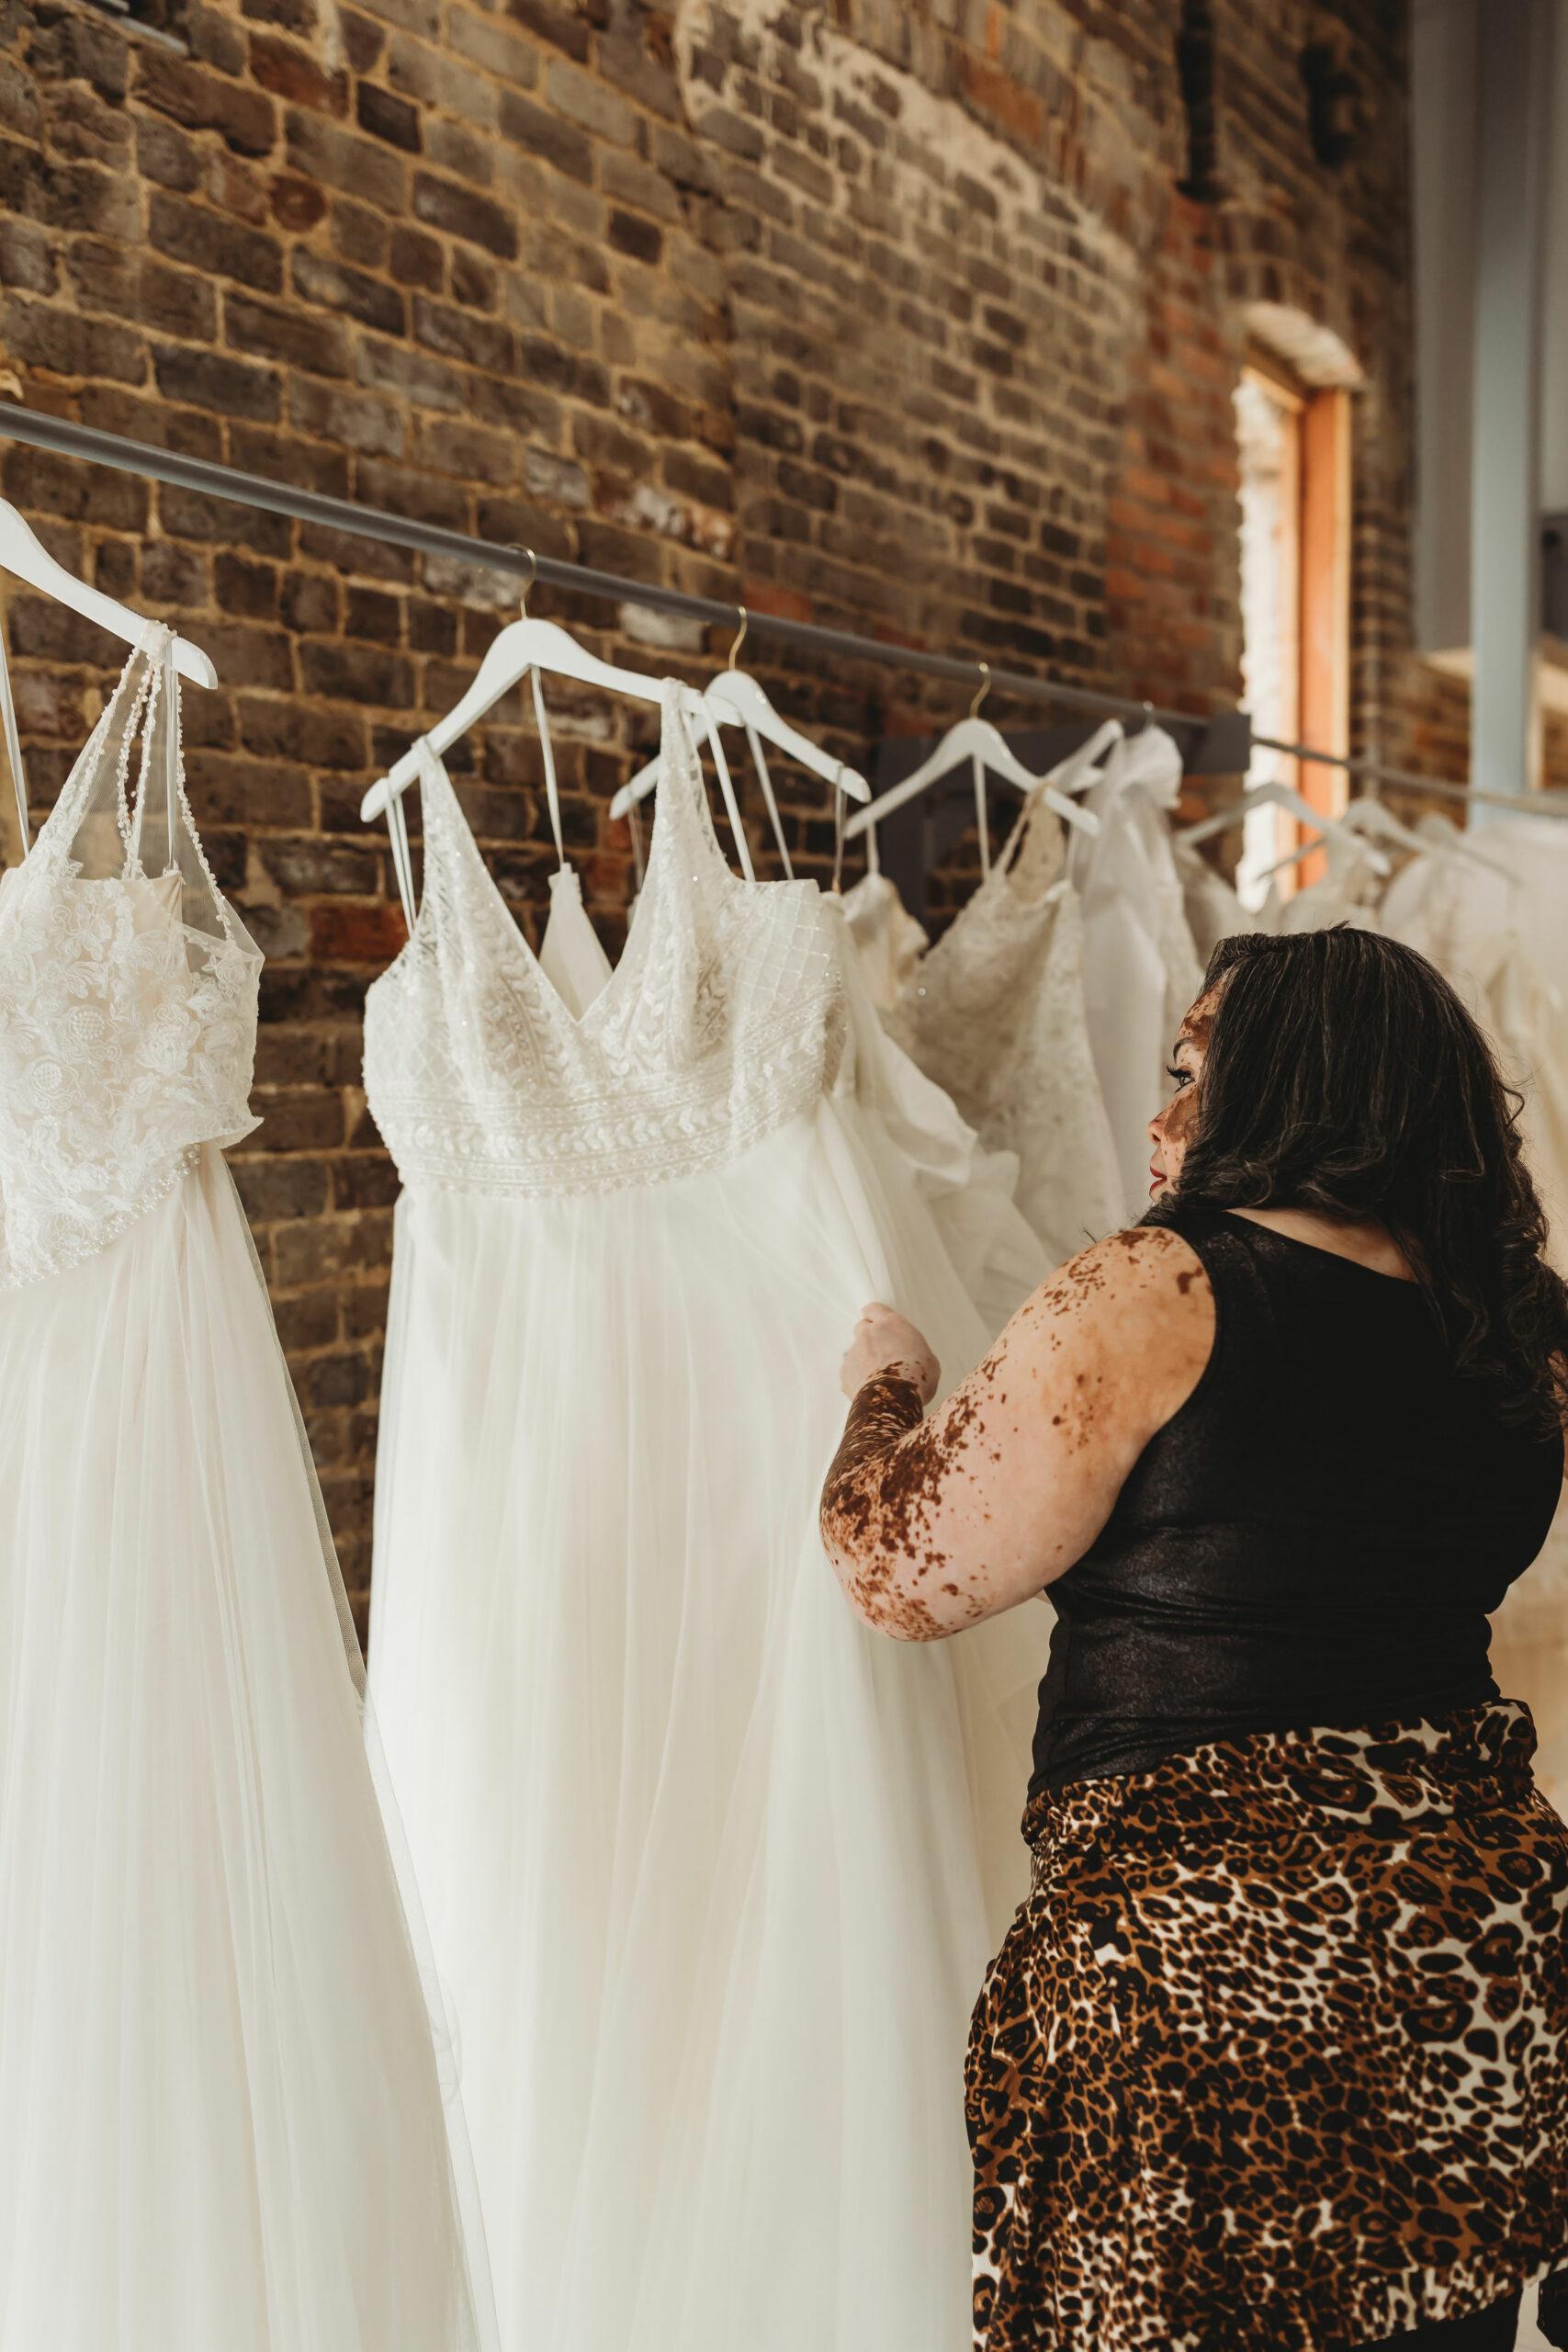 plus-size brides